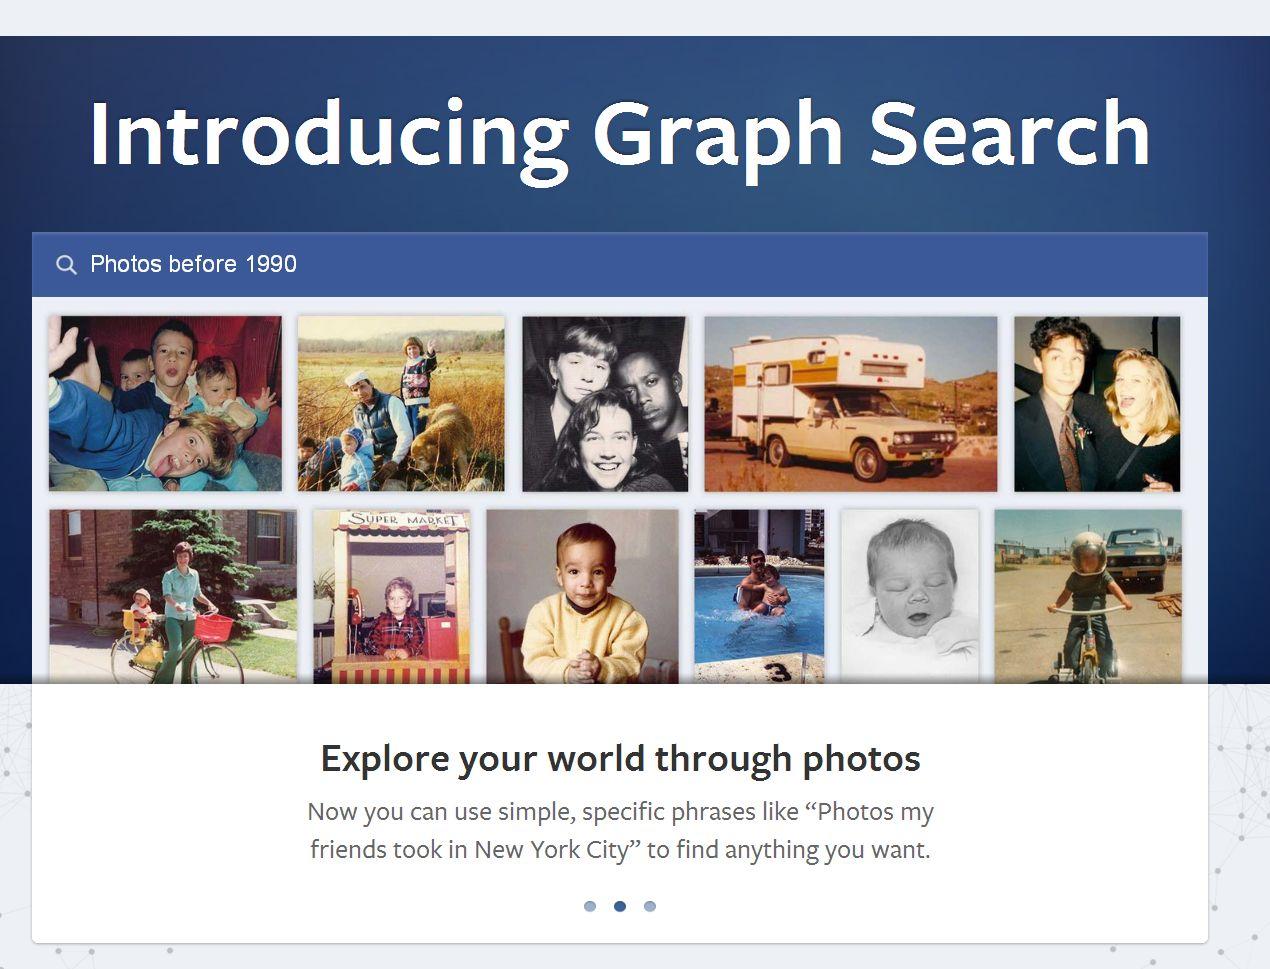 Facebook a lansat versiunea noua a serviciului de cautare Graph Search